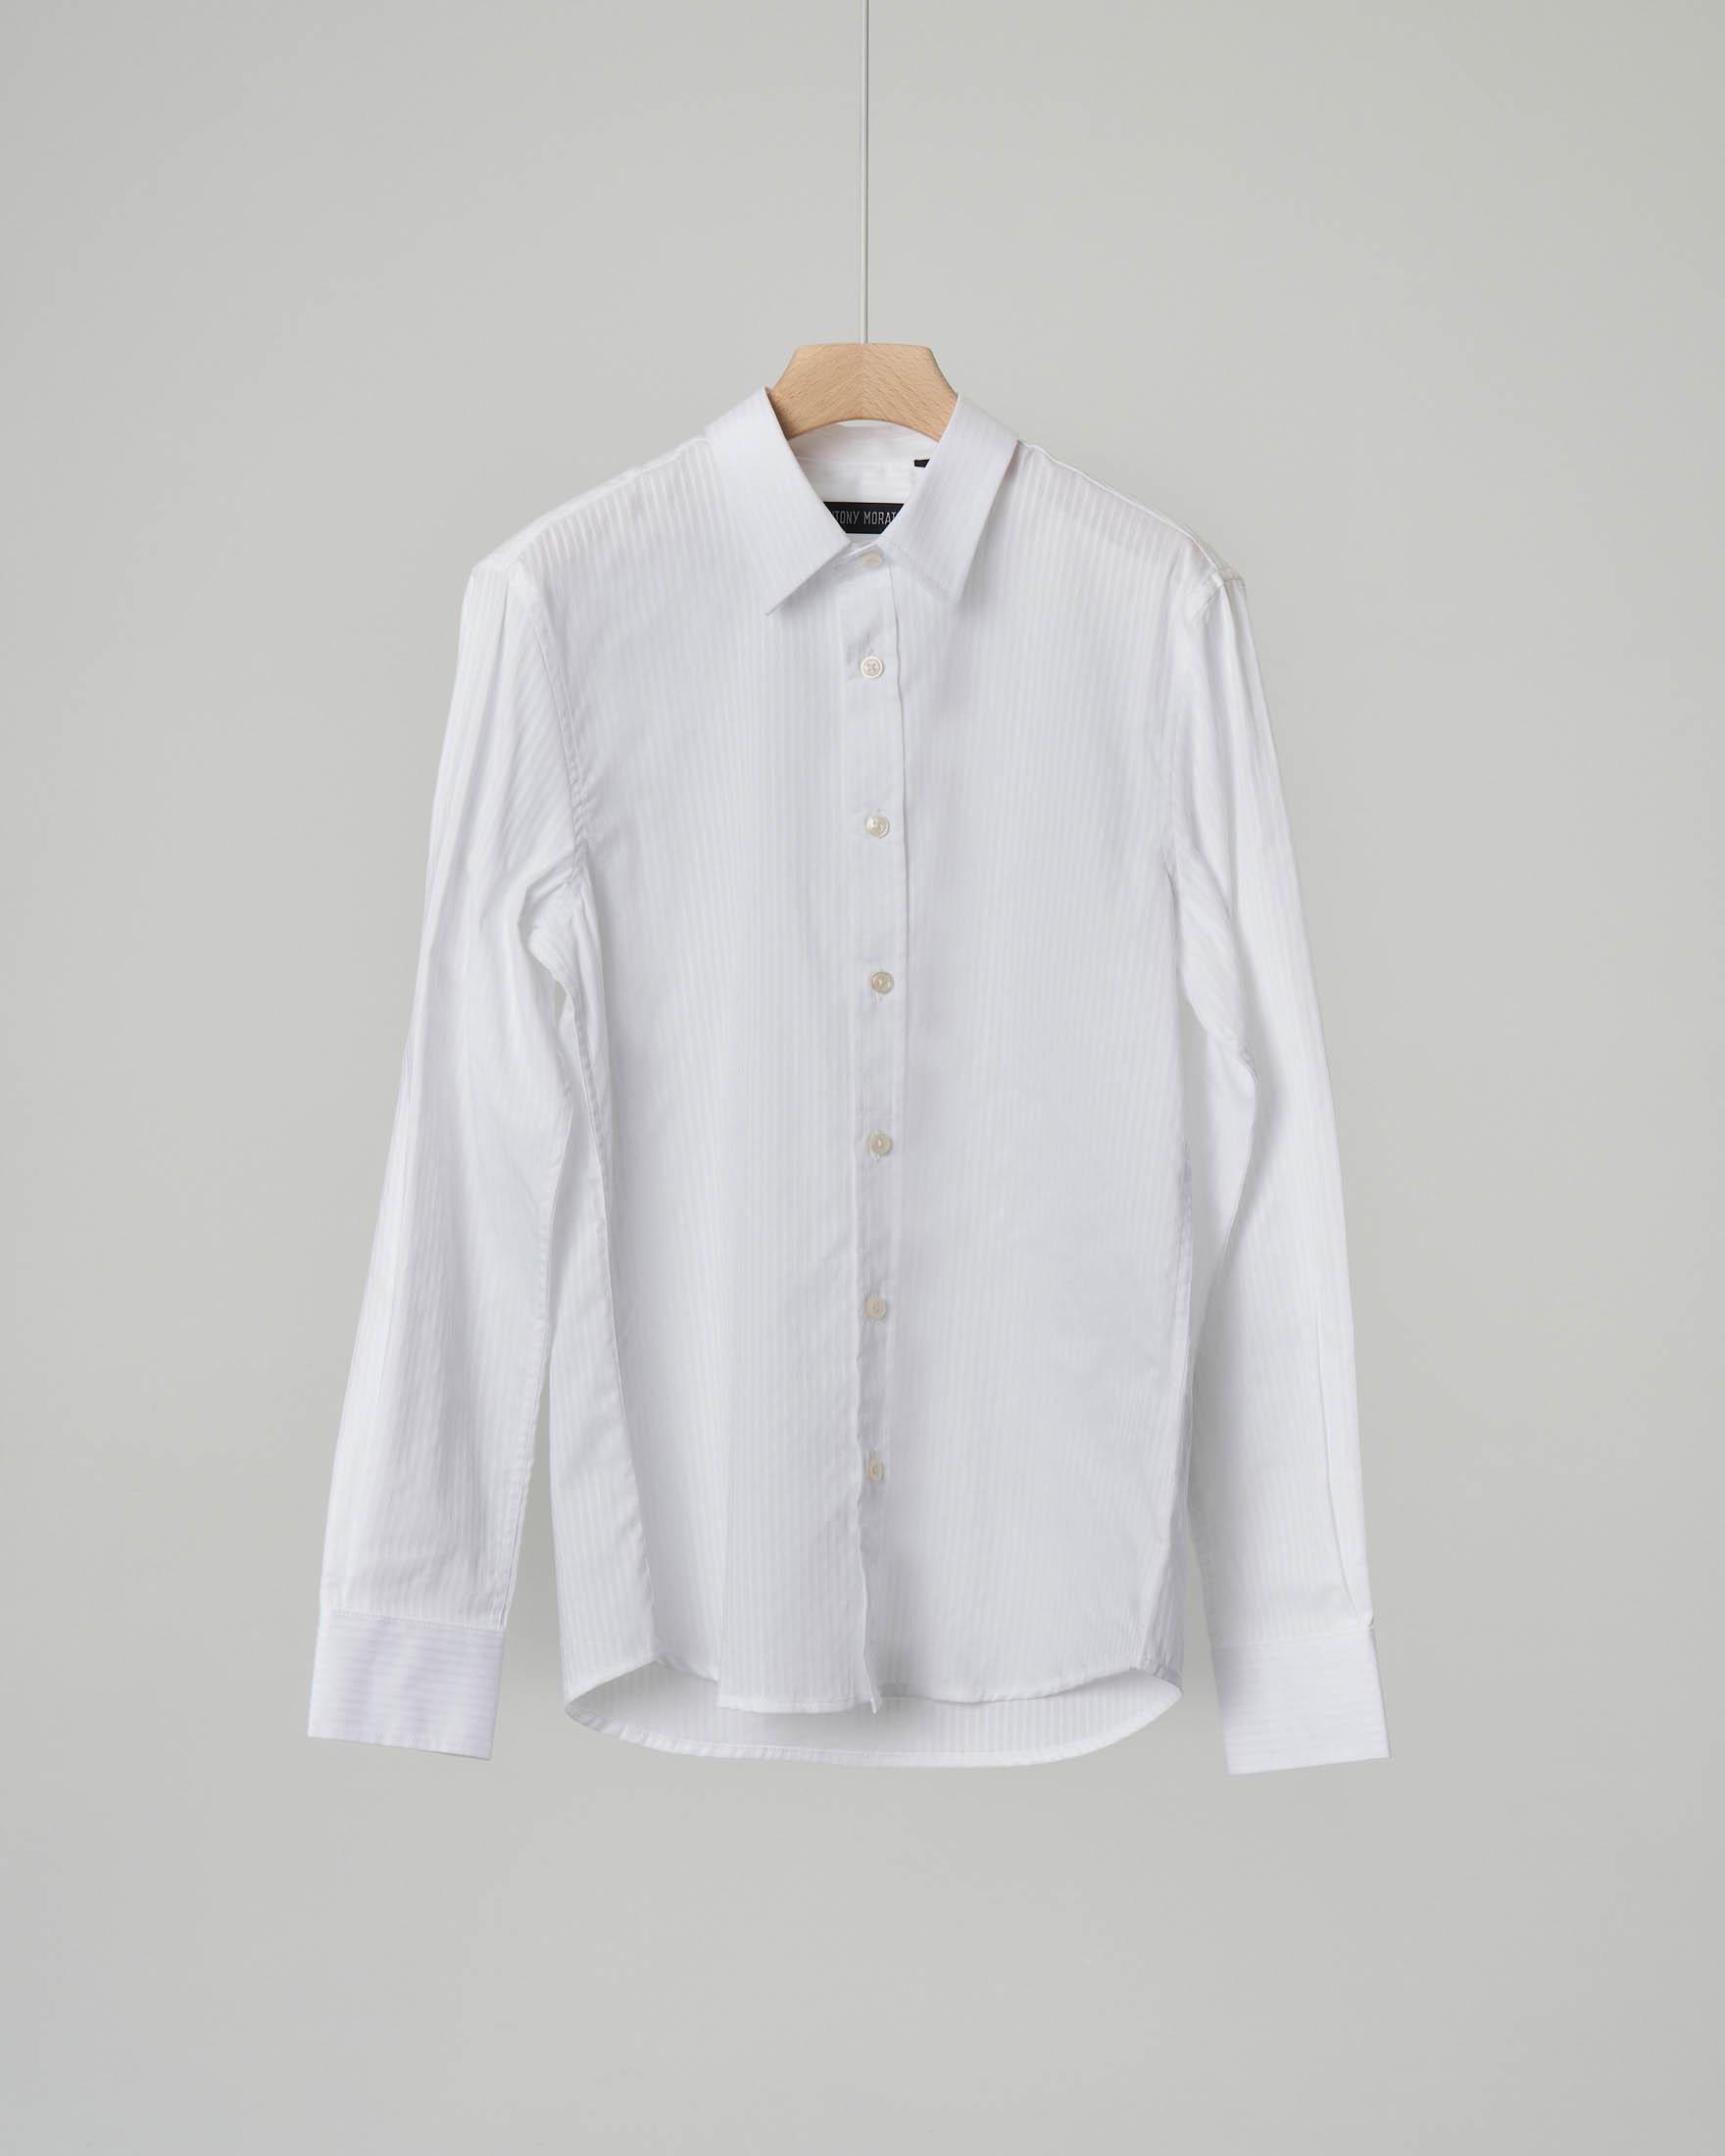 Camicia bianca in tessuto operato a righe